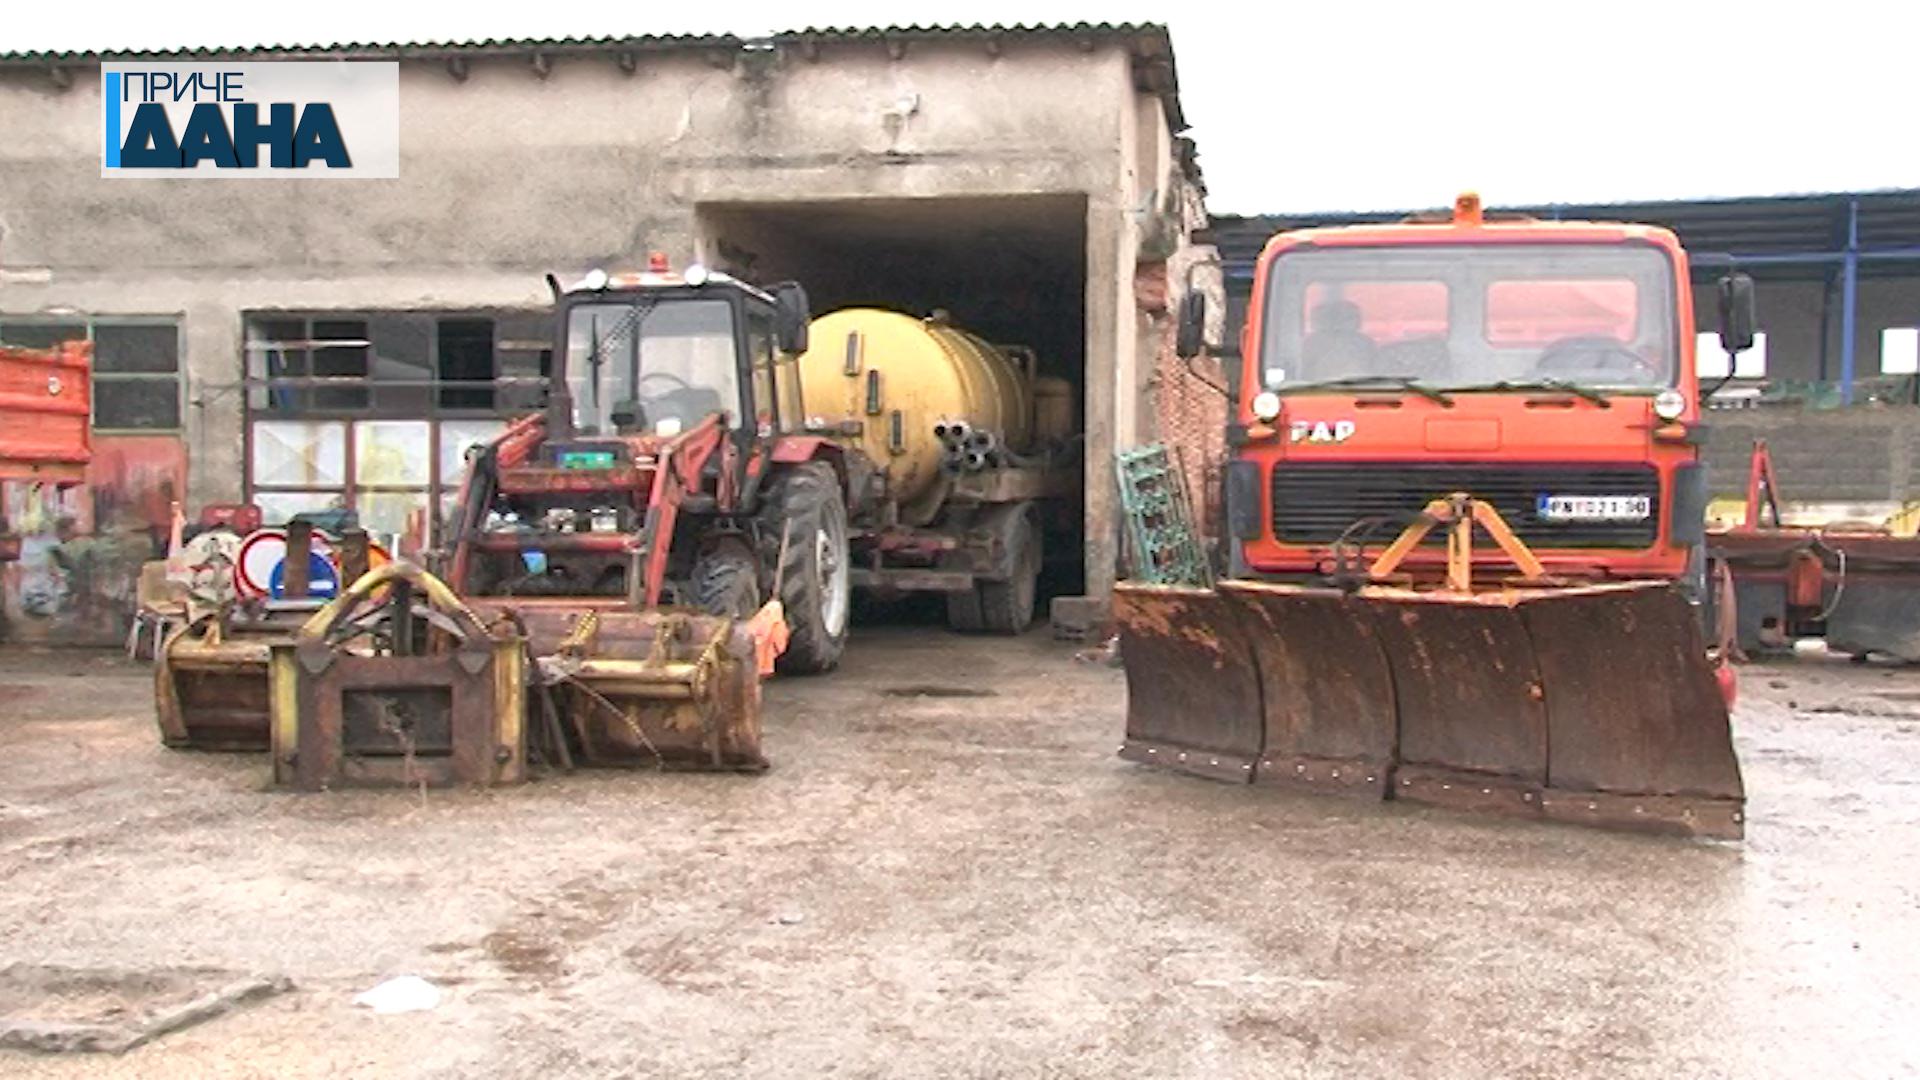 Služba zimskog održavanja puteva u stanju pripravnosti zbog najavljenih padavina